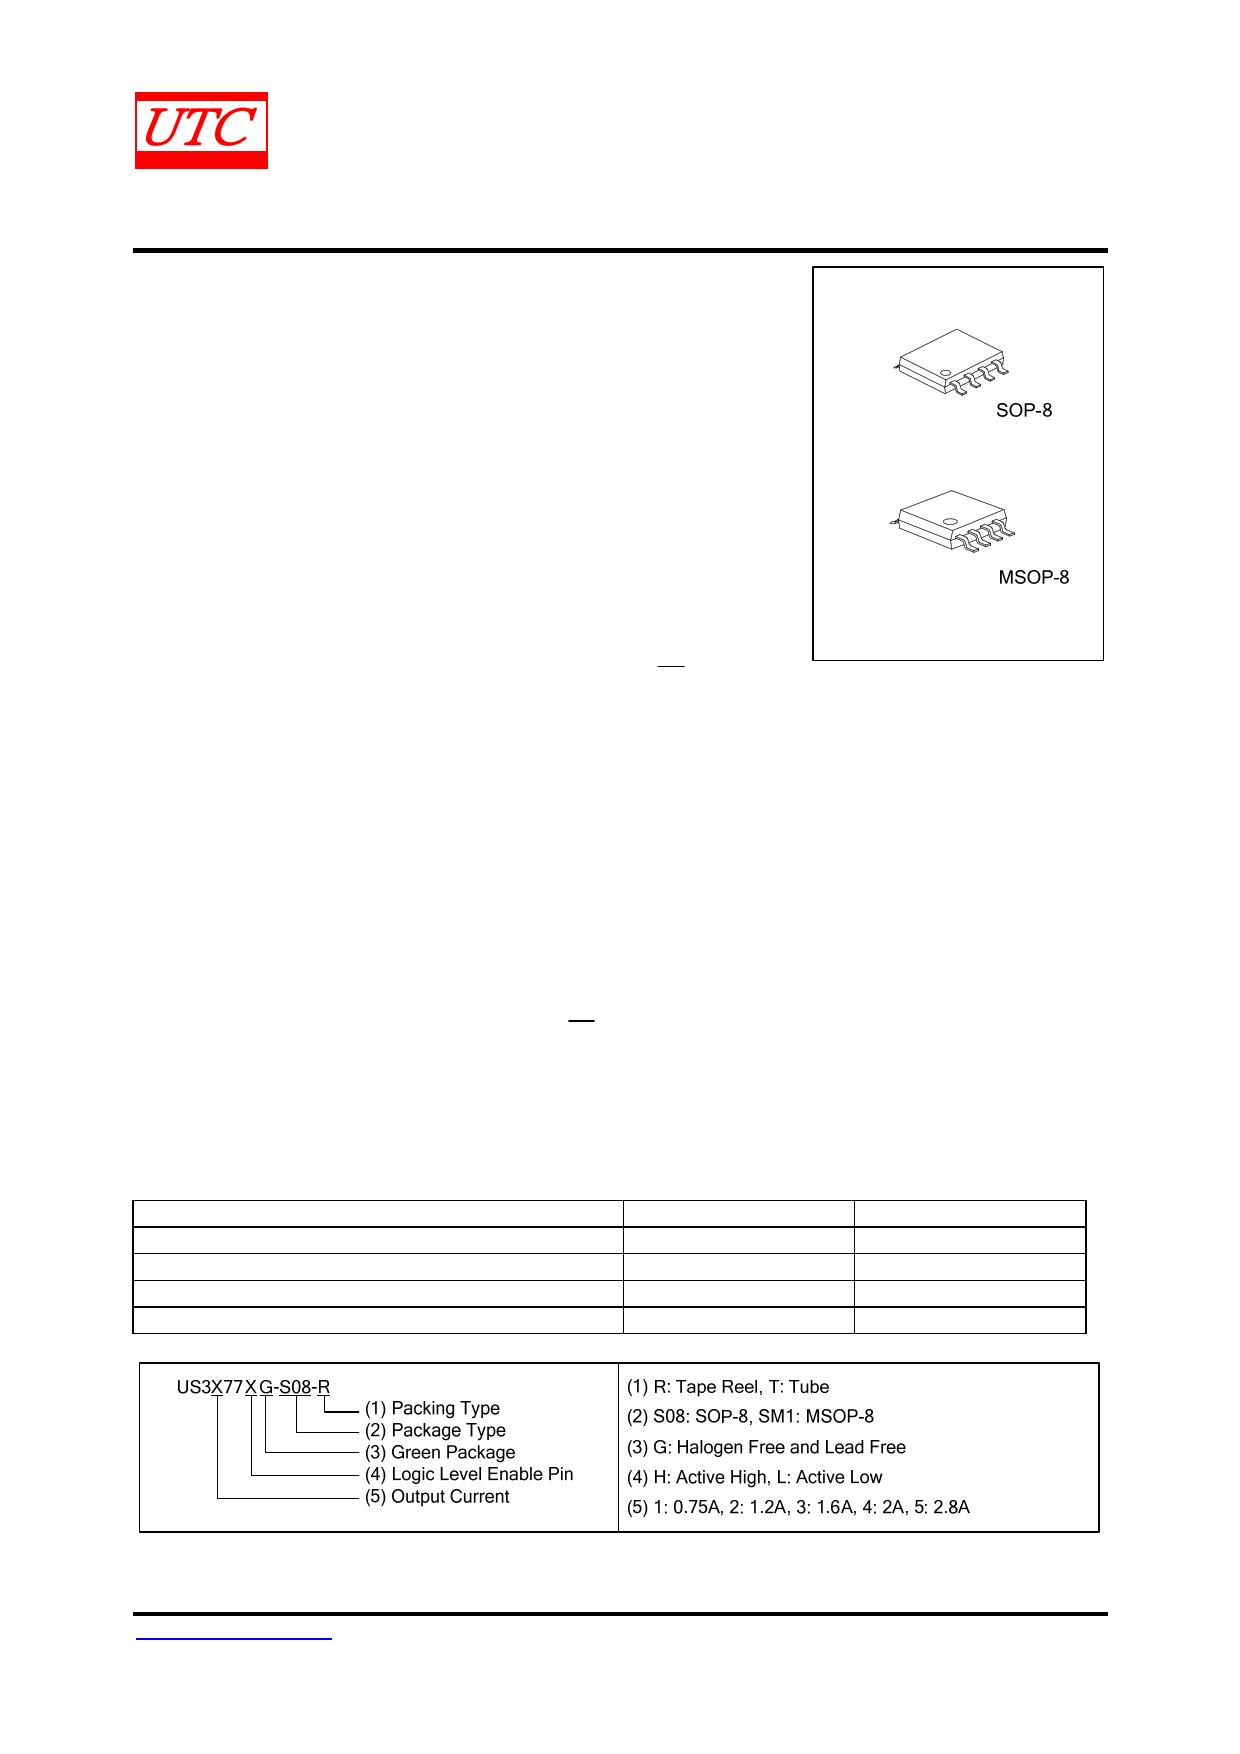 US3277 datasheet